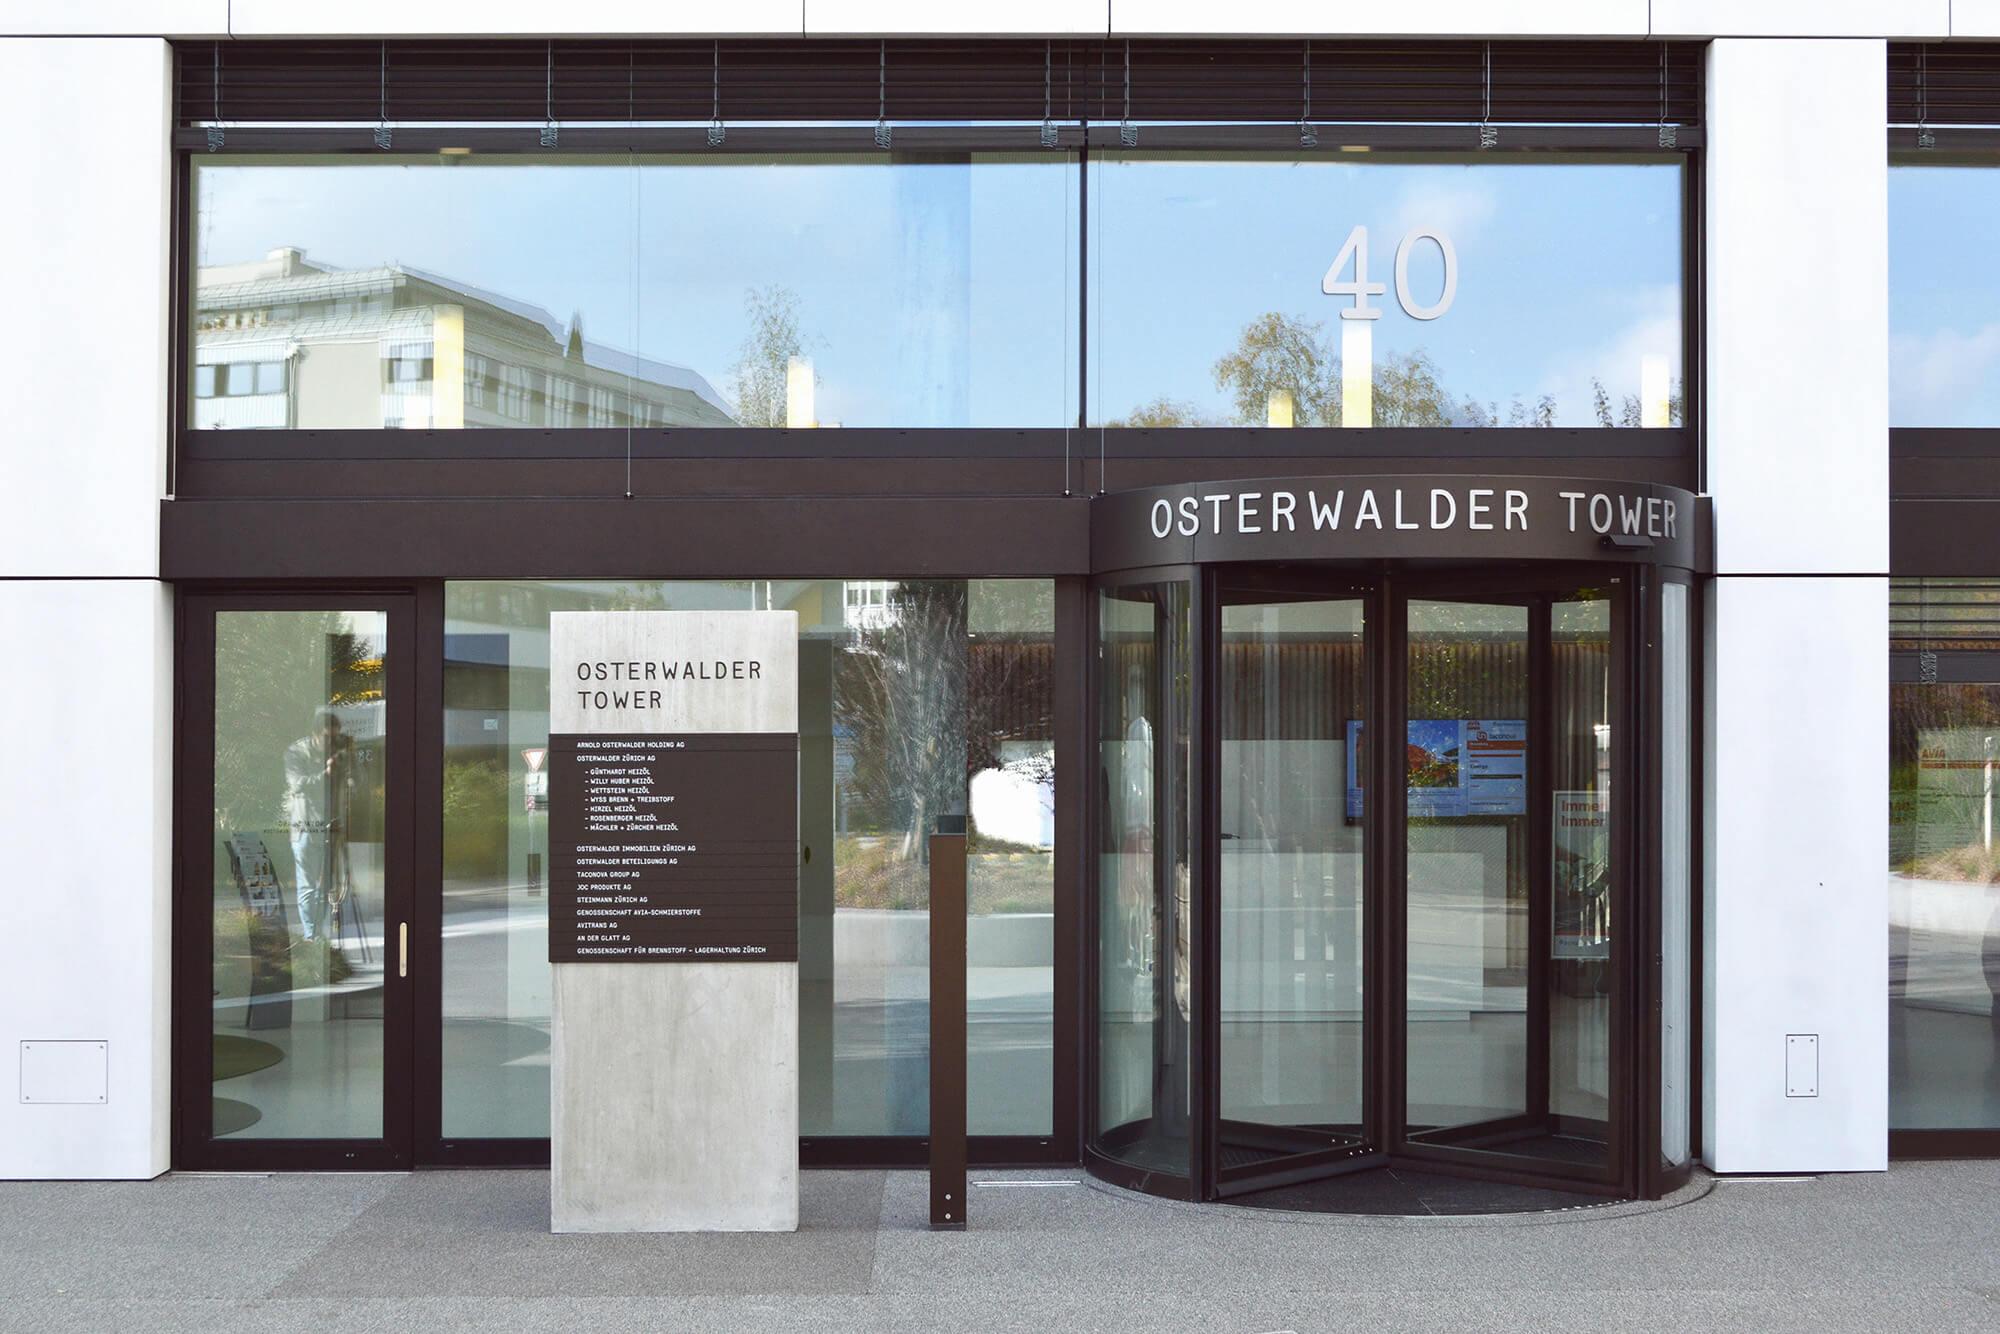 Osterwalder-Tower_Signaletik_Kim-Arbenz